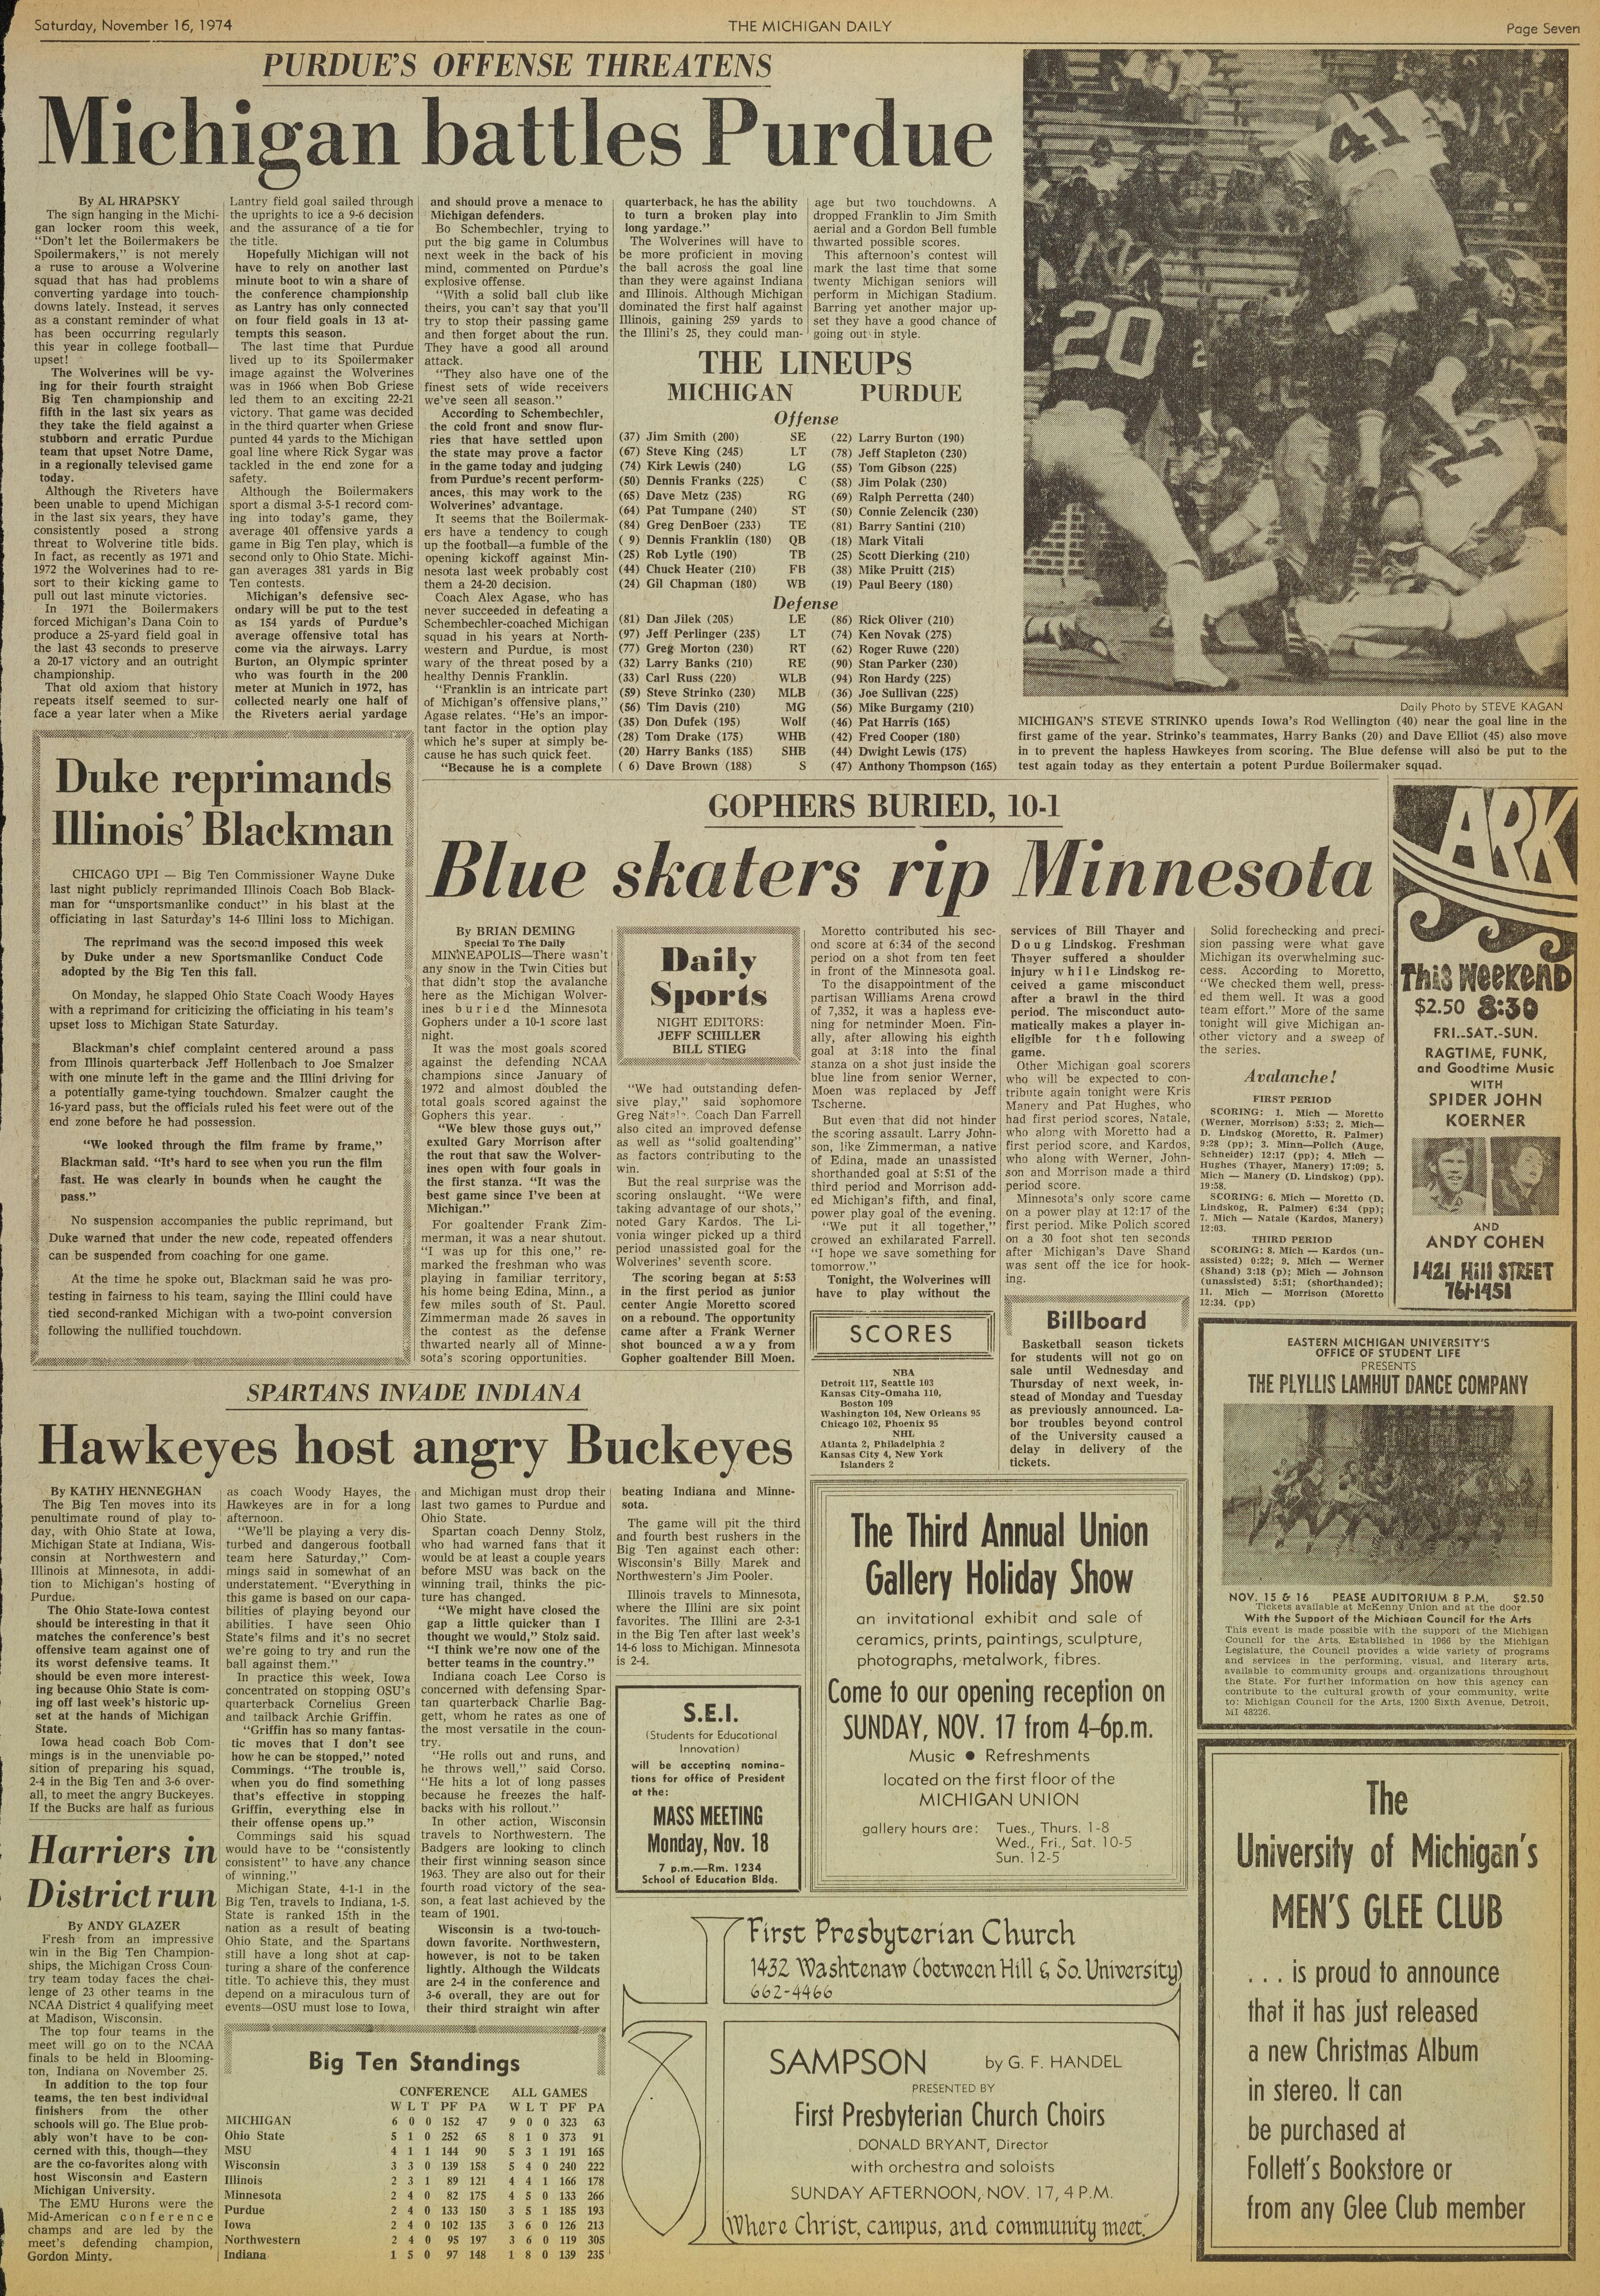 Michigan Daily Digital Archives November 16 1974 Vol 85